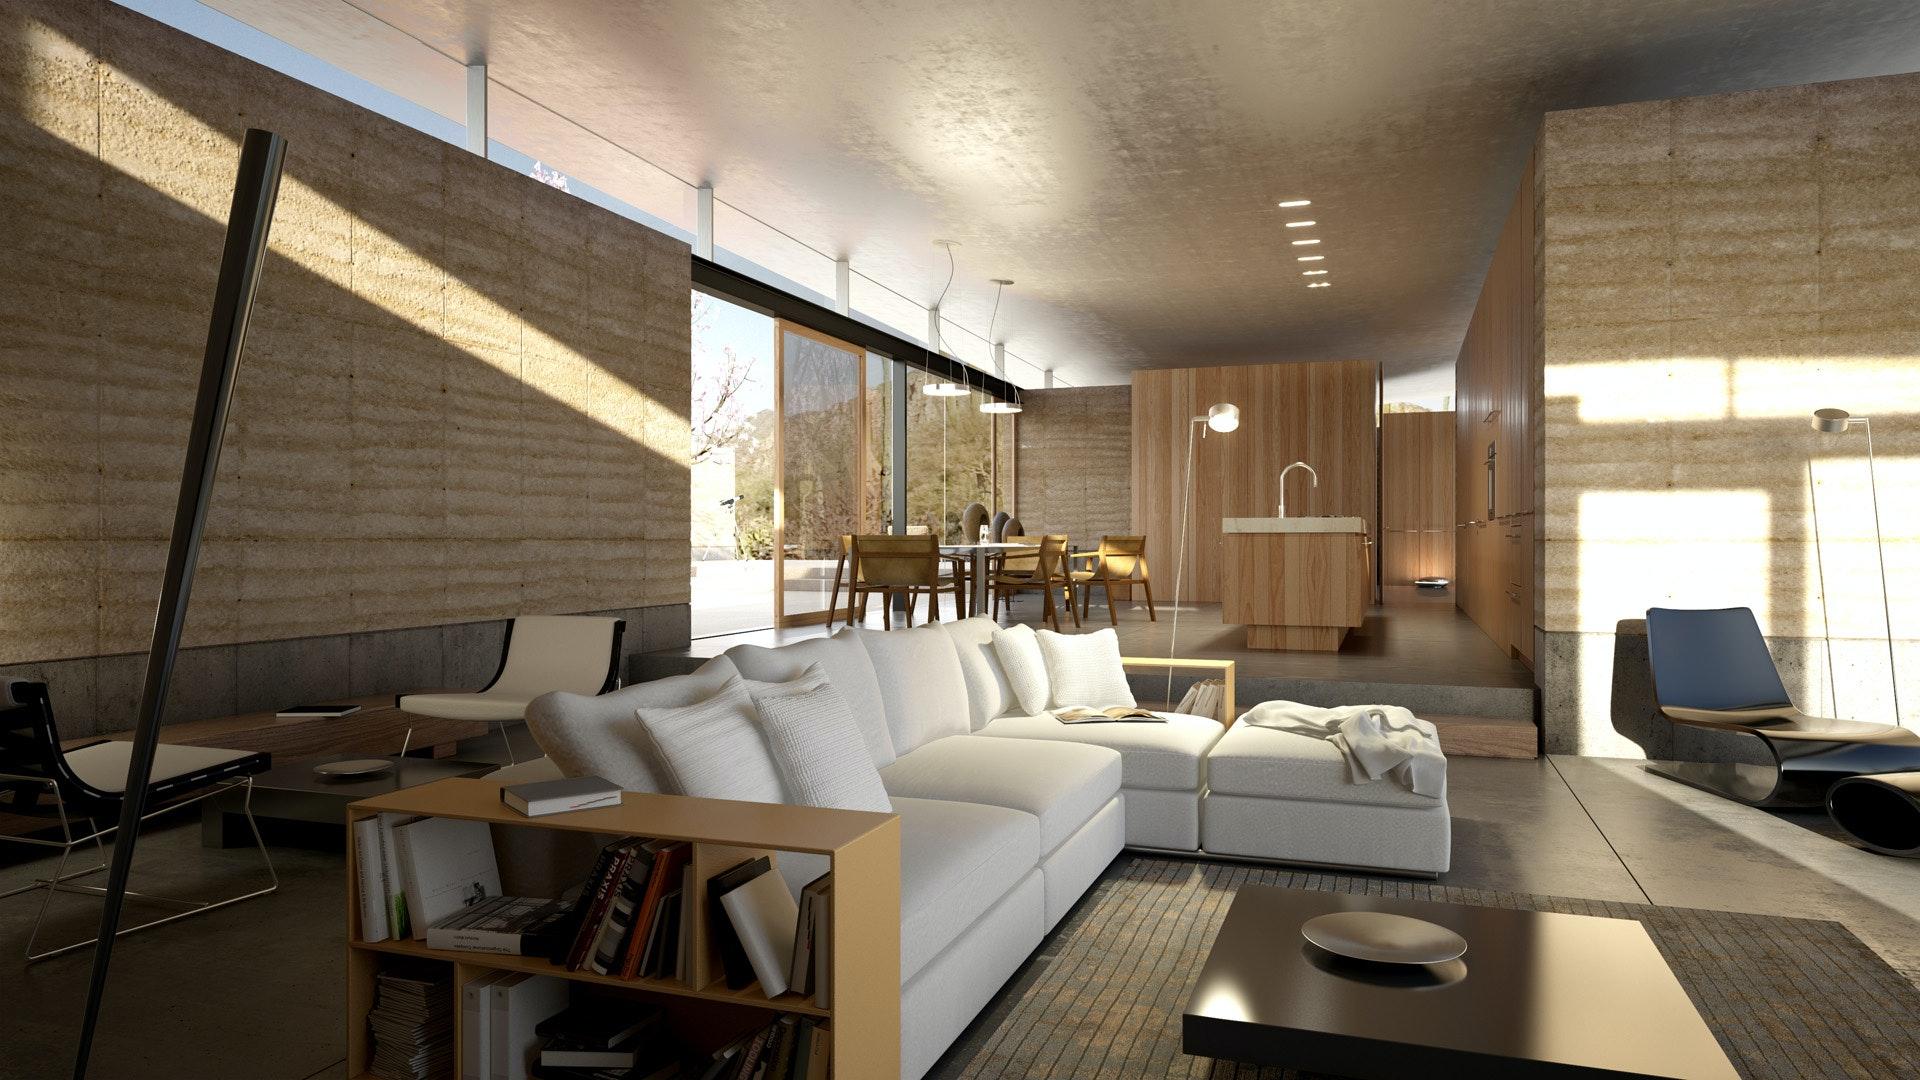 Avra verde house design